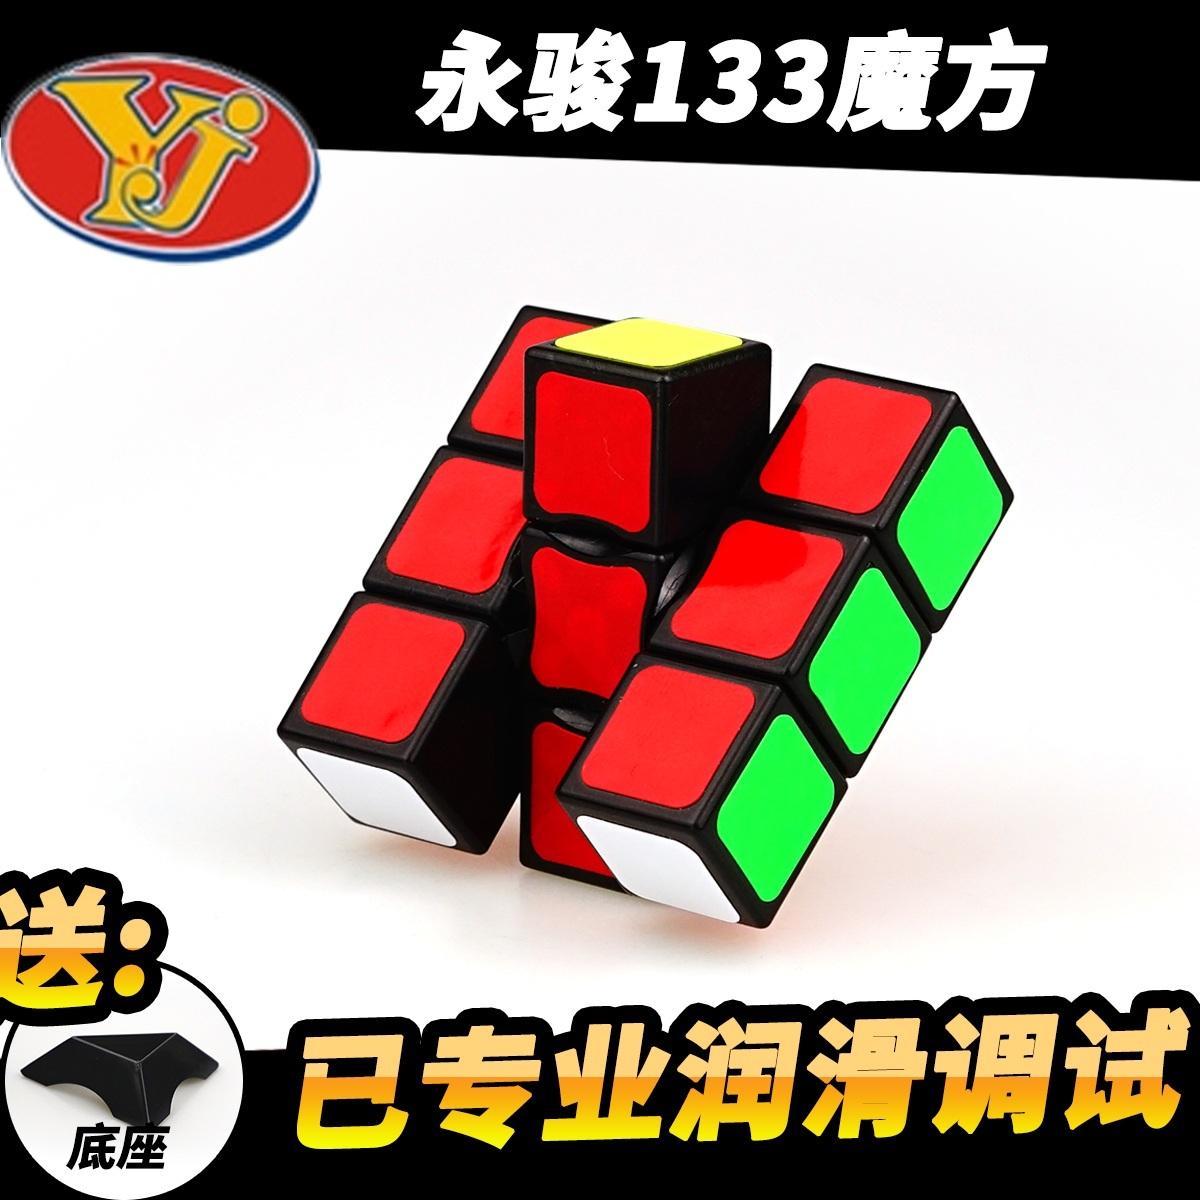 永骏133魔方 YJ一阶魔方玩具 玩具魔方 小孩玩具早教创意